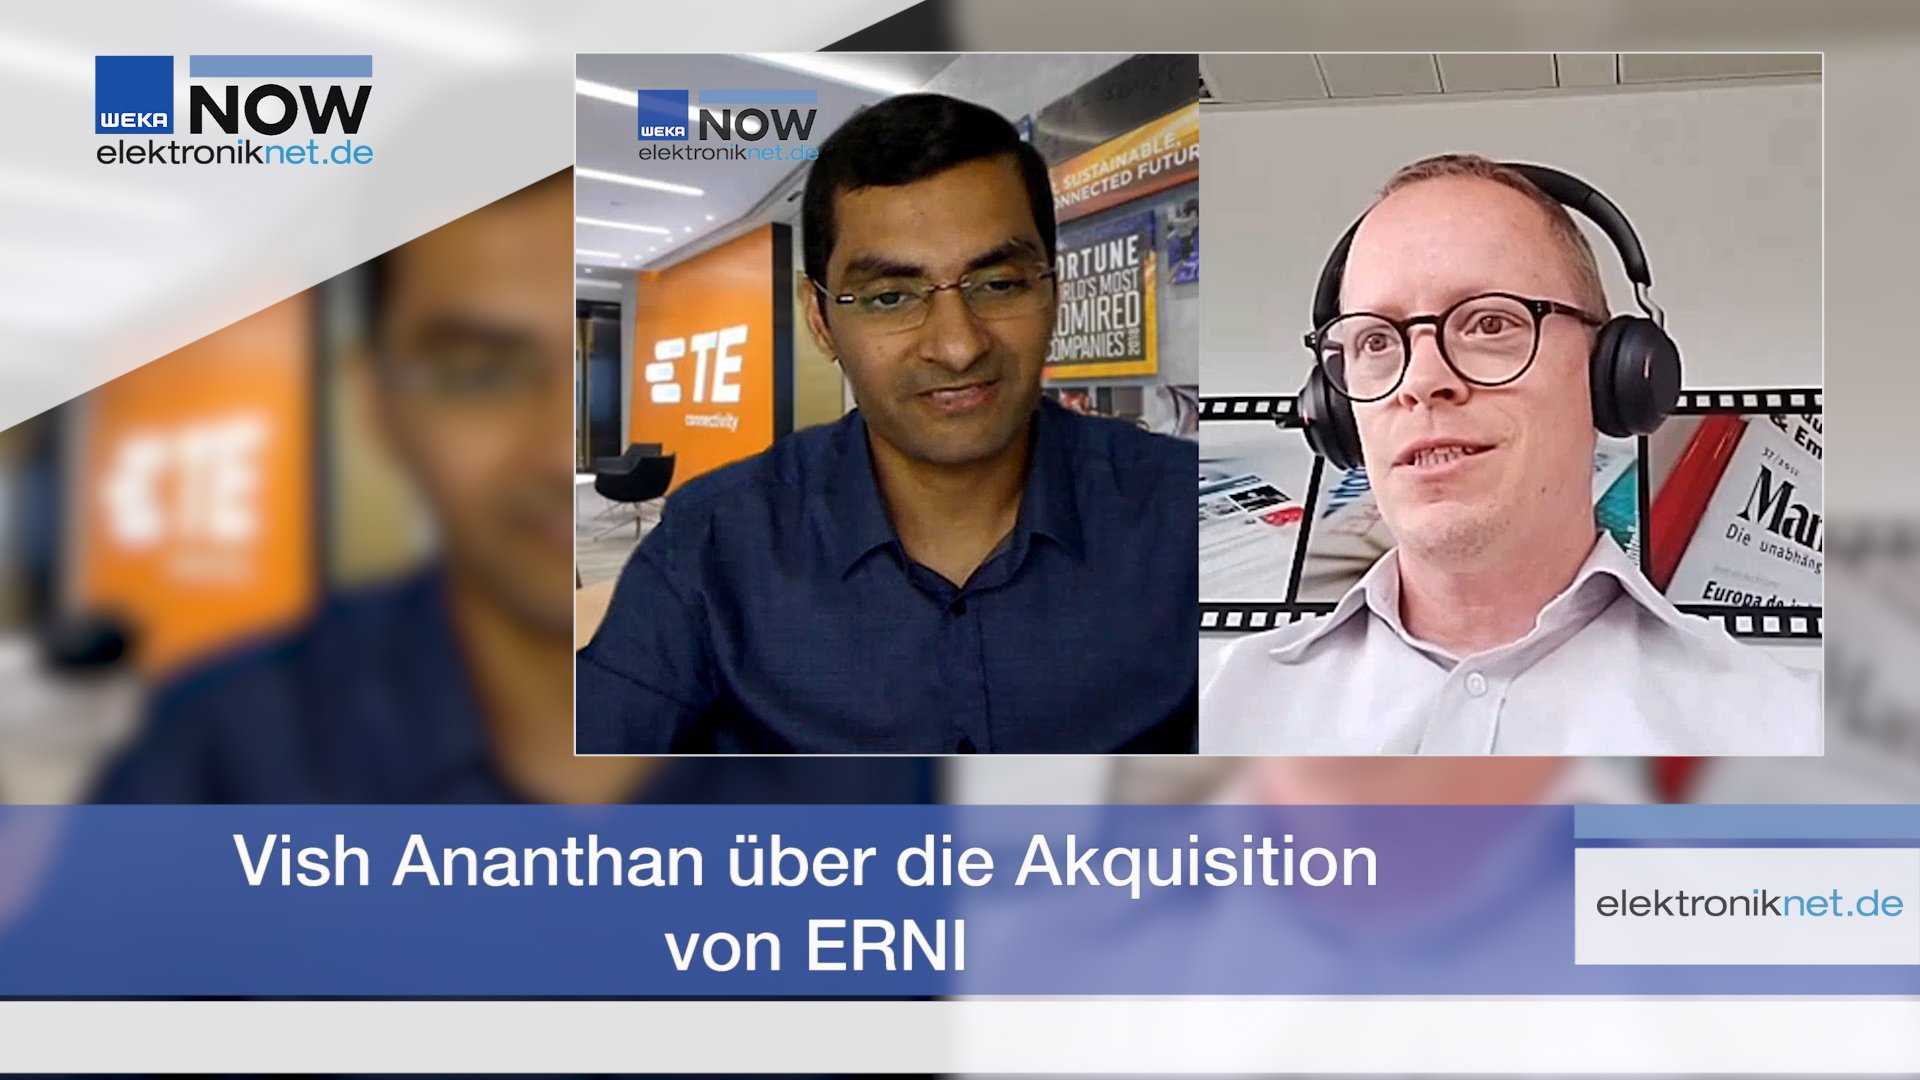 Vish Ananthan über die Akquisition von ERNI